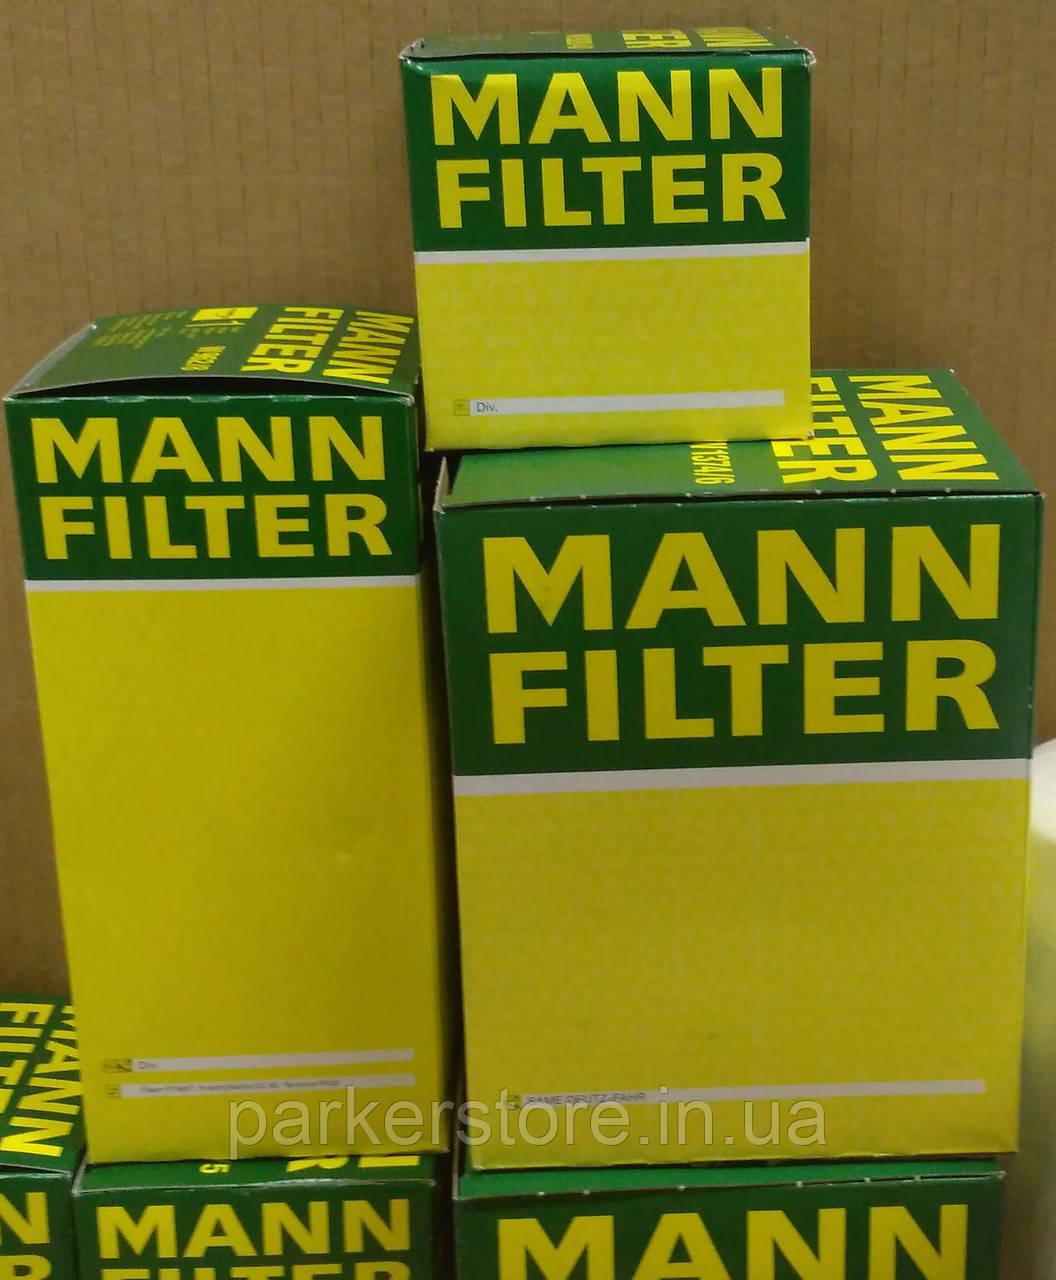 MANN FILTER / Воздушный фильтр / C 25 109/1 / C25109/1